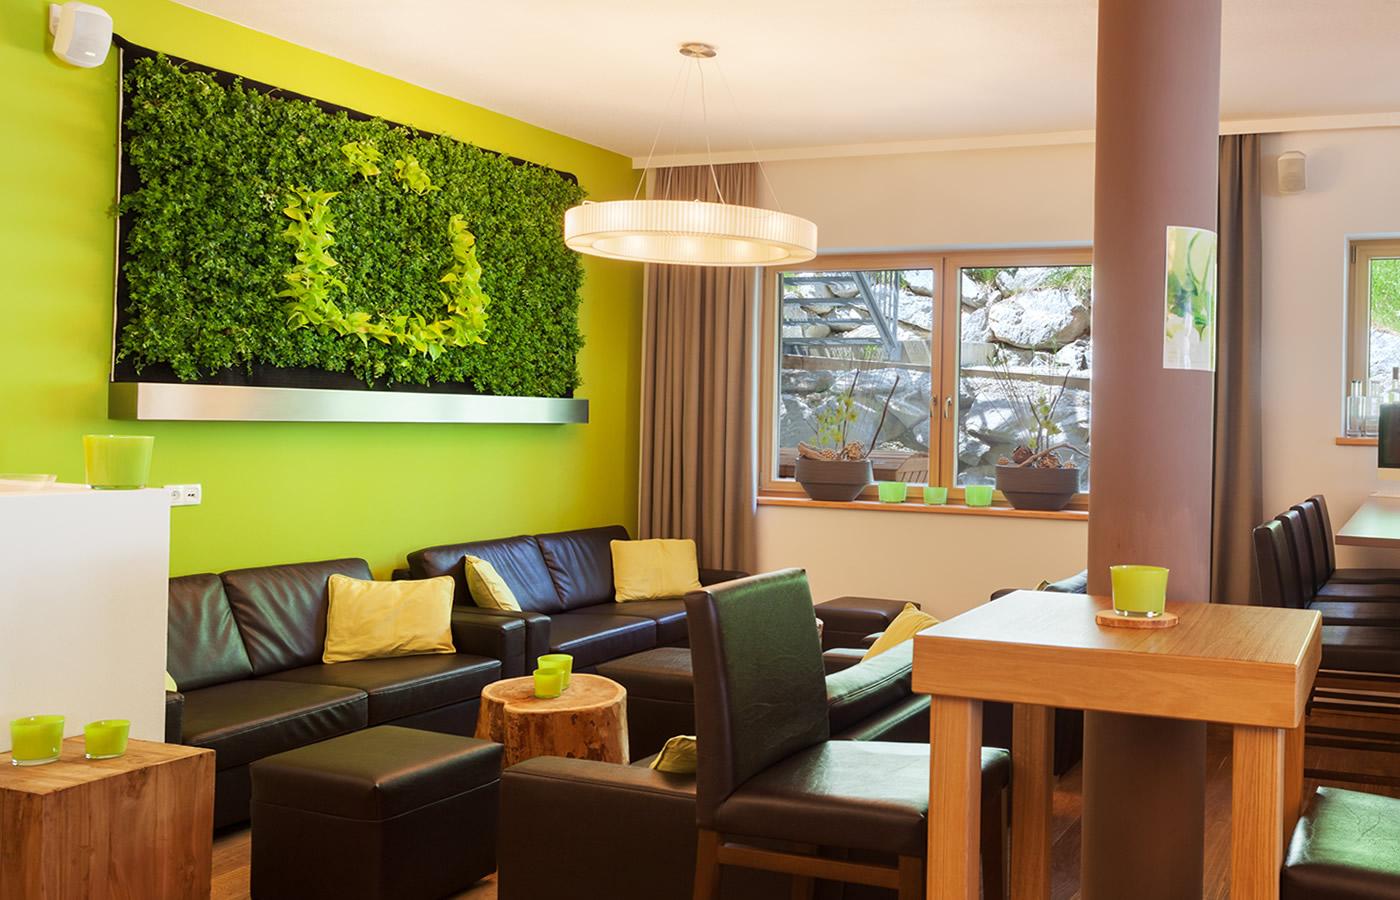 Hotel Natürlichs Bar und Lounge. Sommer-Geselligkeit in Fiss, Tirol.